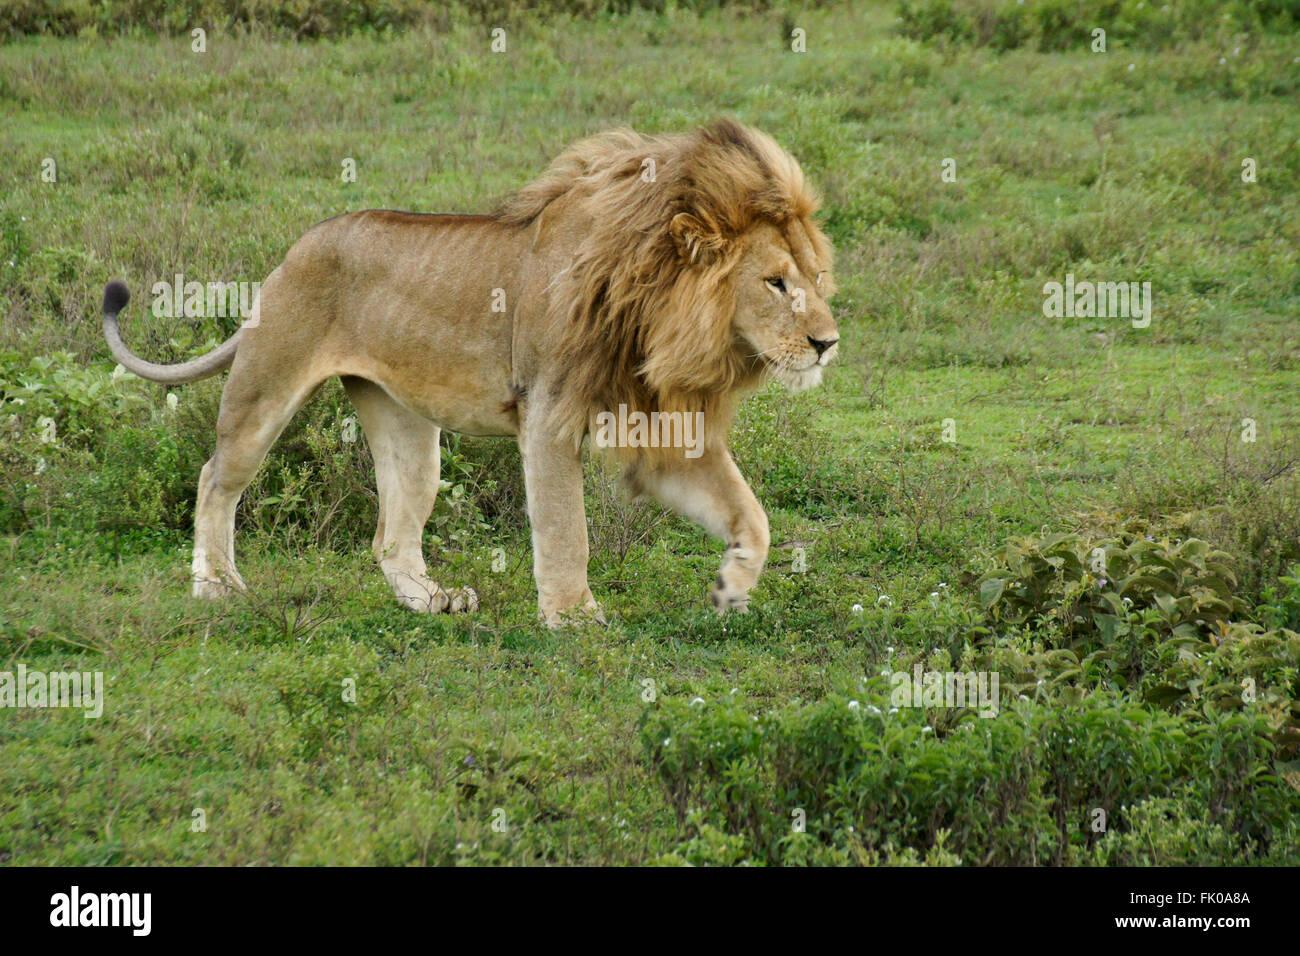 male lion walking ngorongoro conservation stock photos male lion